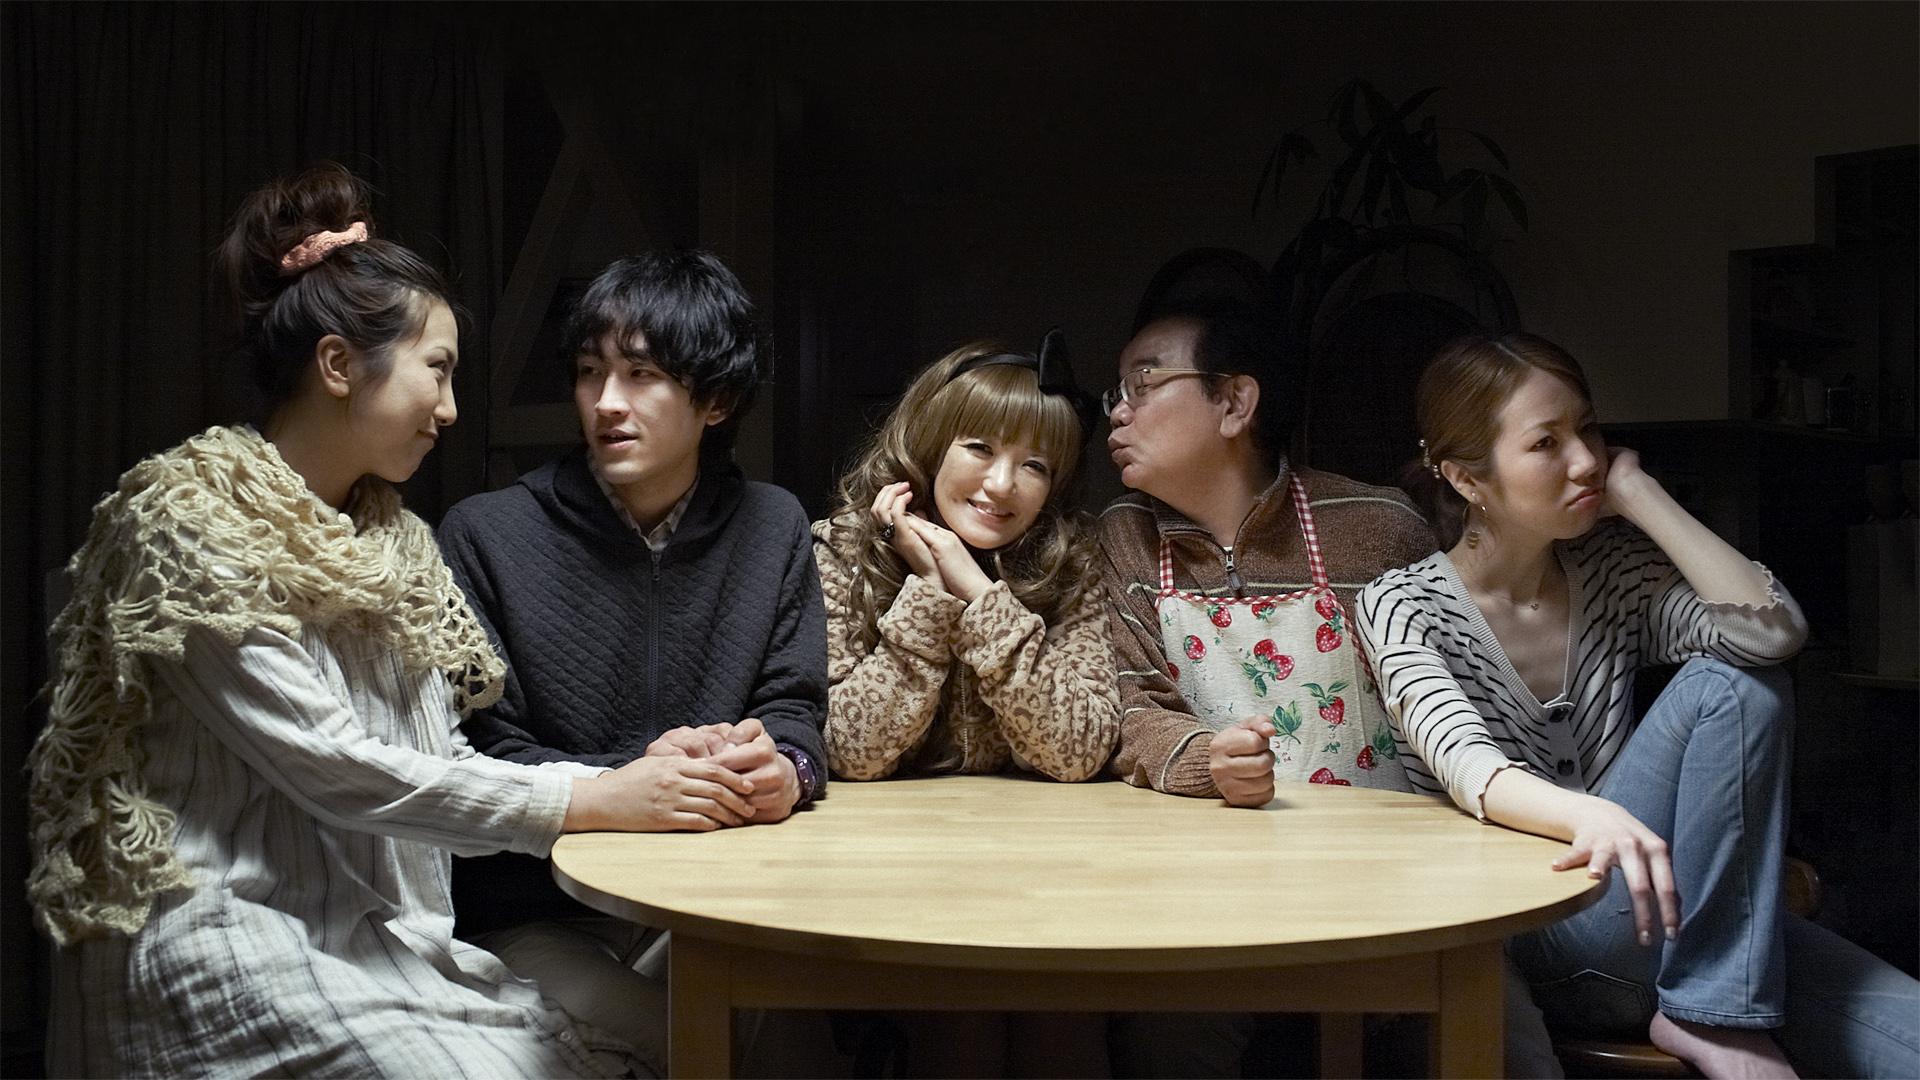 【短編映画】メリーゴーラウンド(2011/34min)